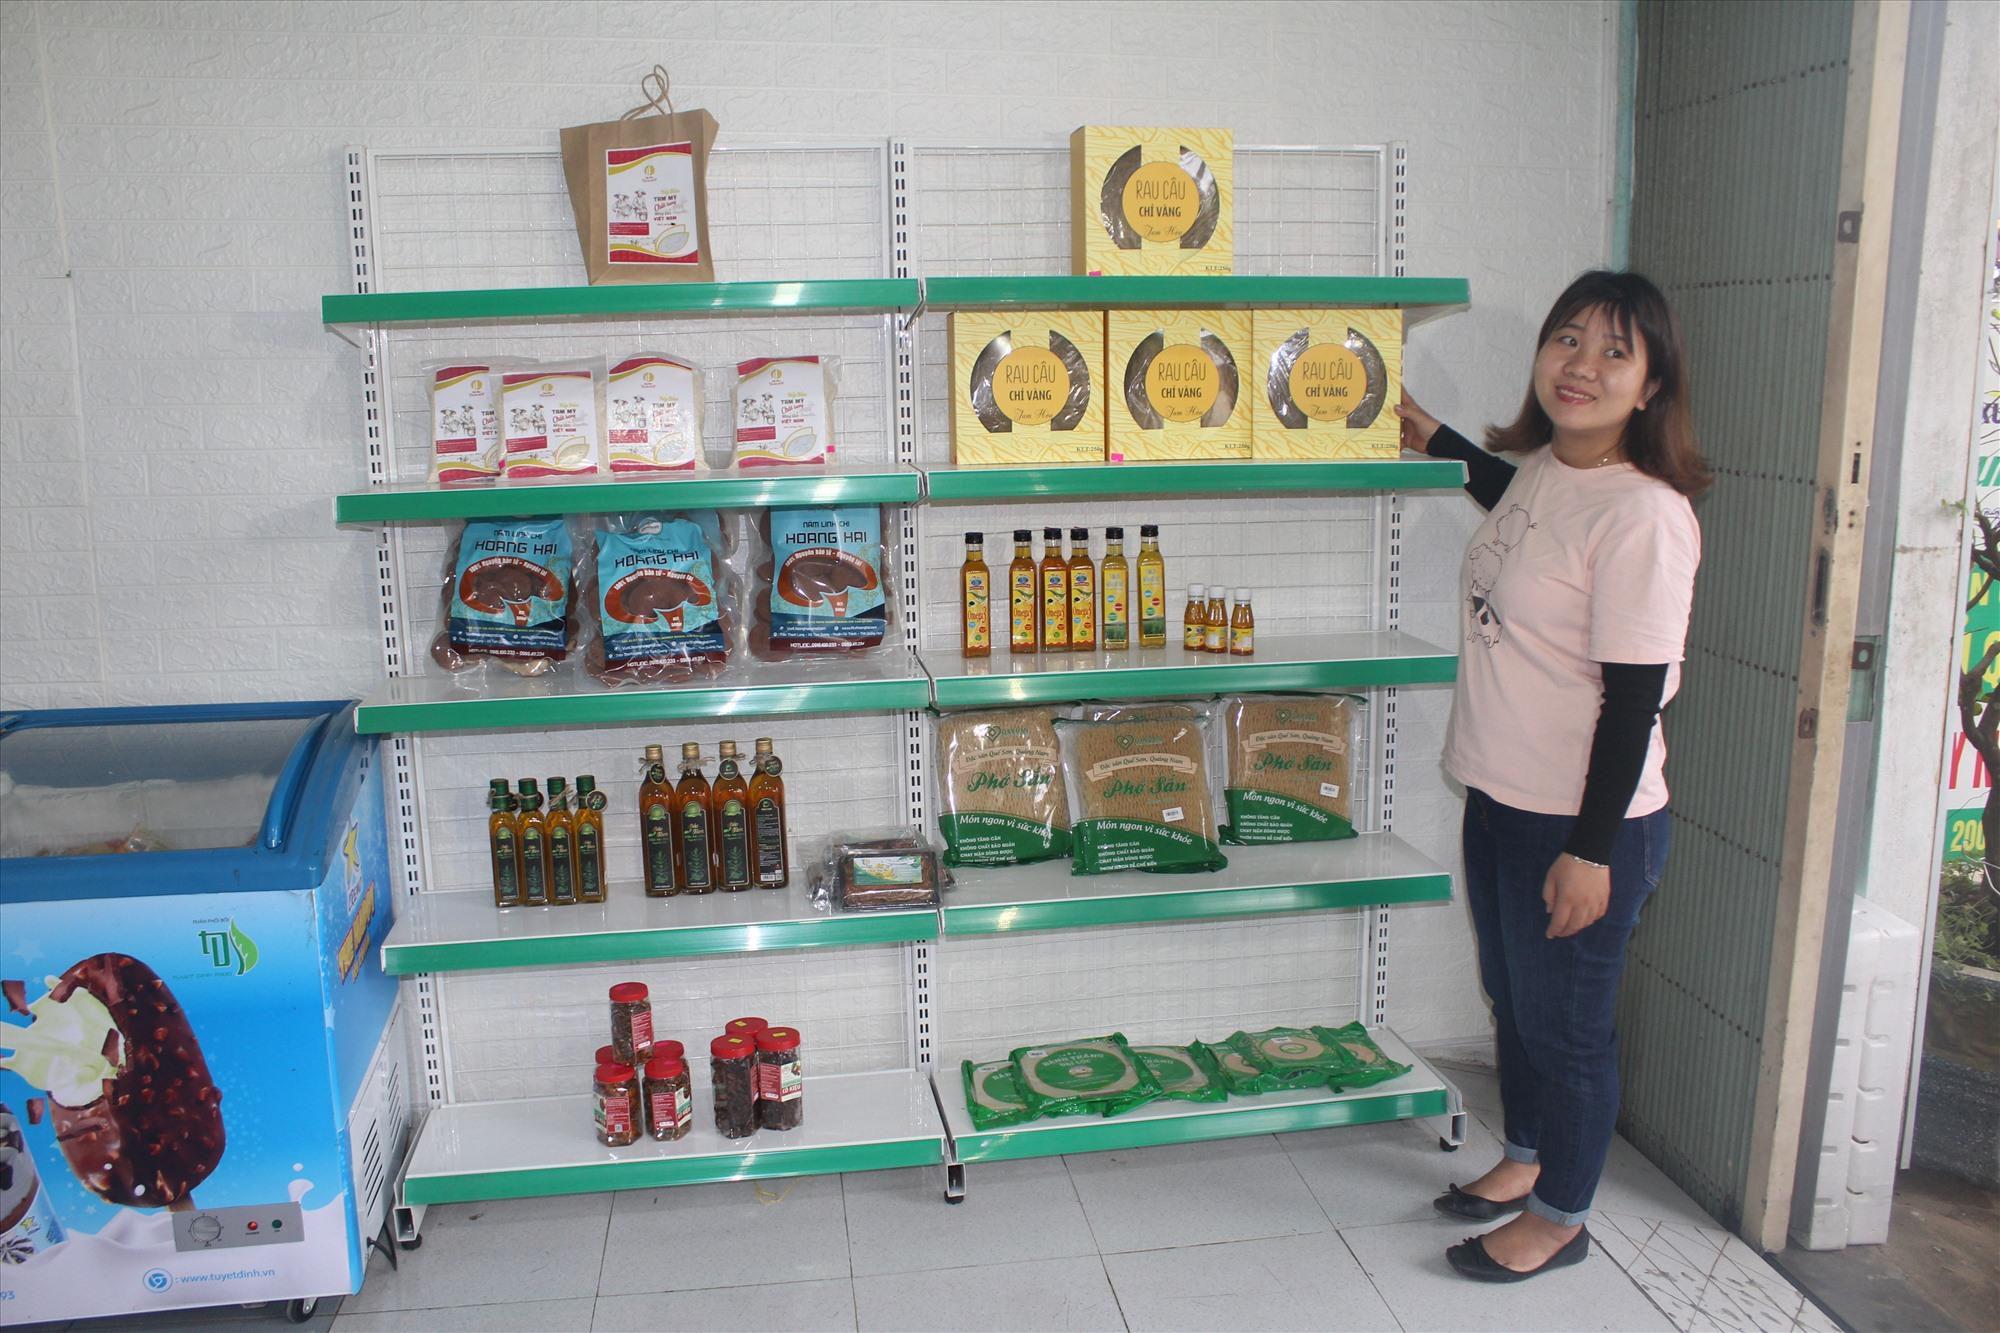 Chị Sang và các sản phẩm OCOP trưng bày tại cửa hàng. Ảnh: VĂN PHIN